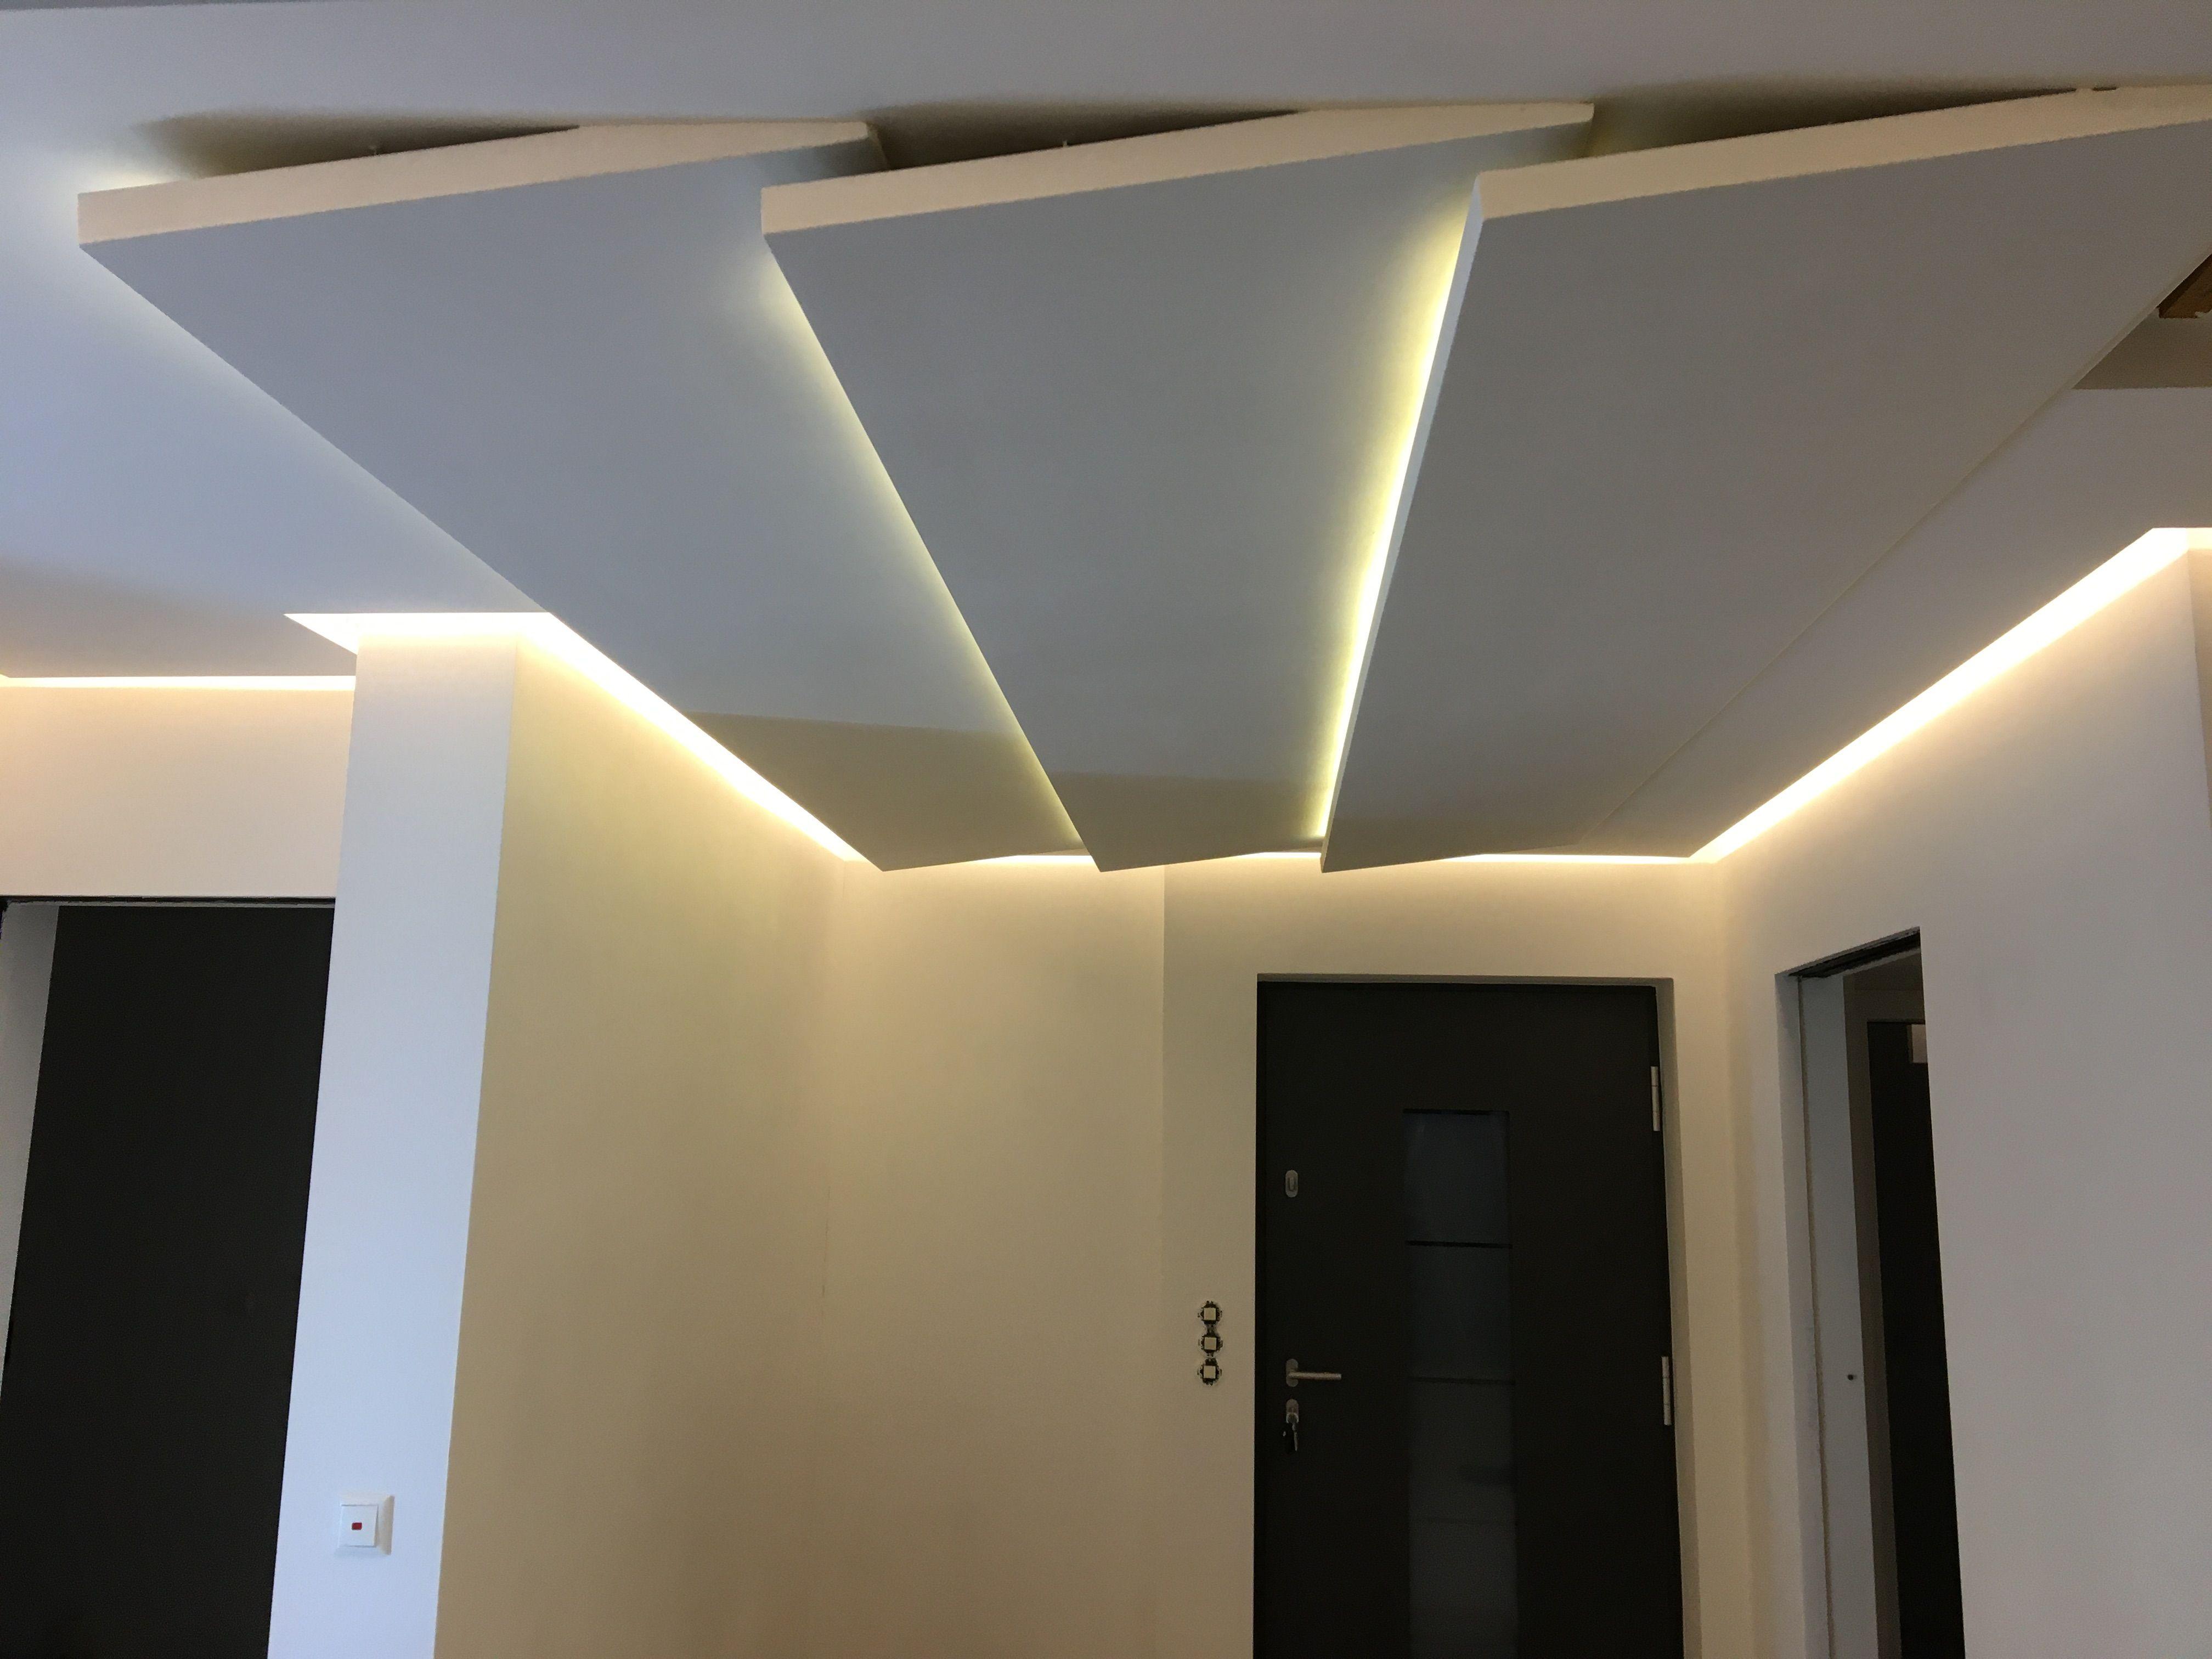 Indirektes Licht In Der Kuche Bauanleitung Zum Selber Bauen Indirektes Licht Beleuchtung Decke Indirekte Beleuchtung Selber Bauen